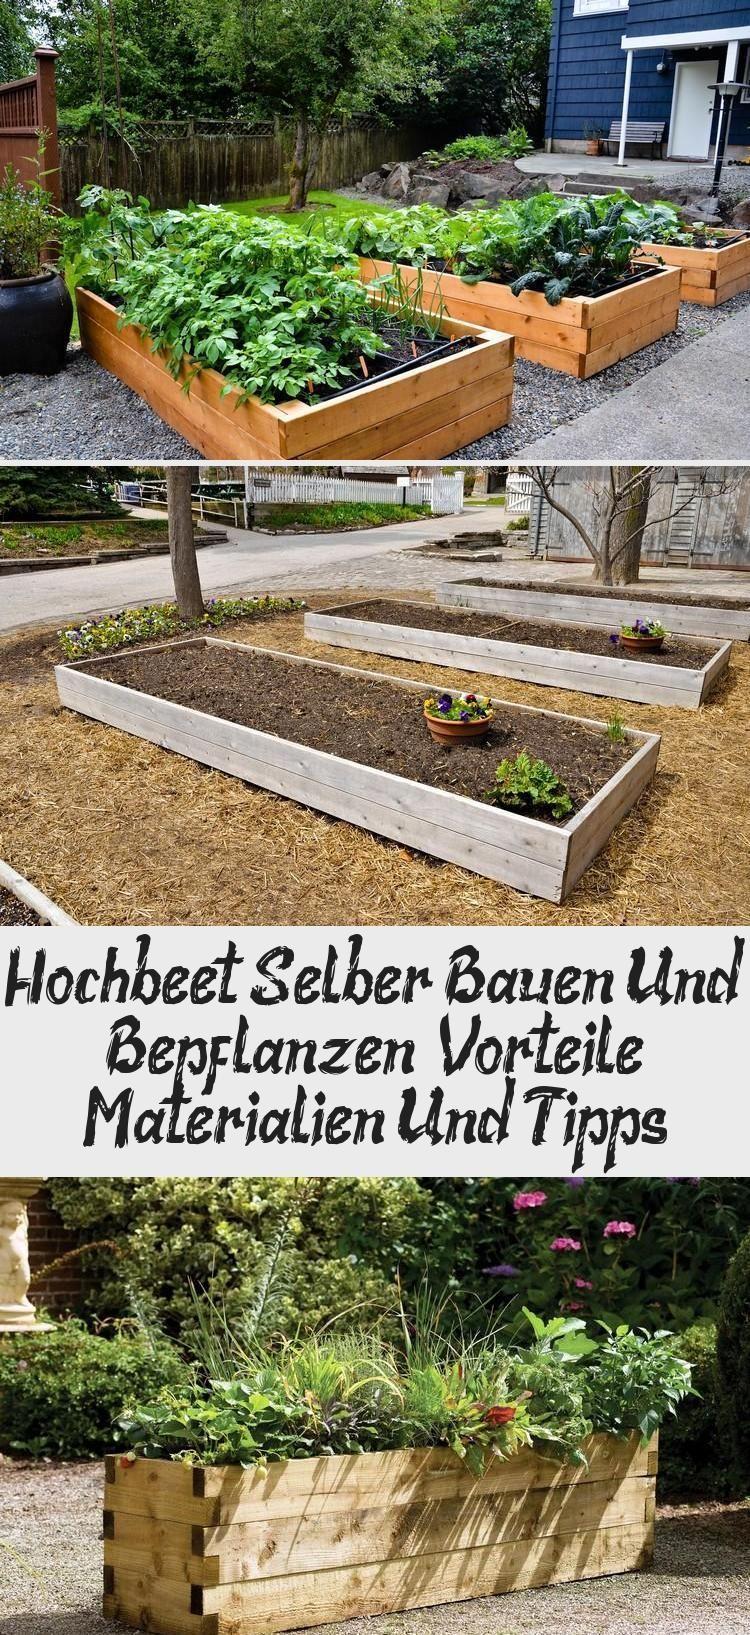 Hochbeet Selber Bauen Und Bepflanzen Vorteile Materialien Und Tipps Hochbeet Selber Bauen Hochbeet Bepflanzung